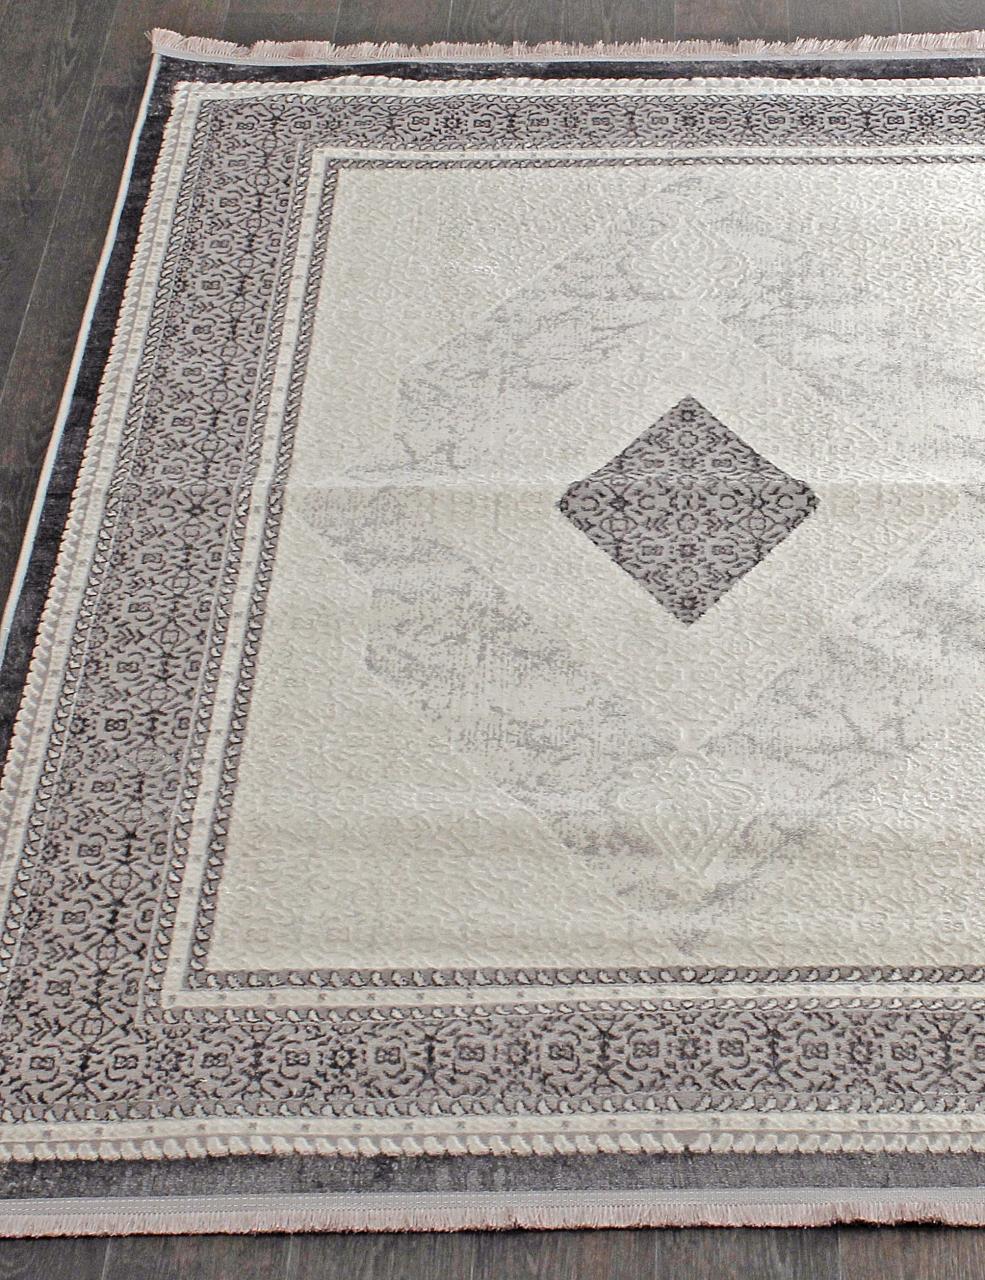 Ковер 0T245RG - GREY / GREY - Прямоугольник - коллекция ALFANI - фото 1